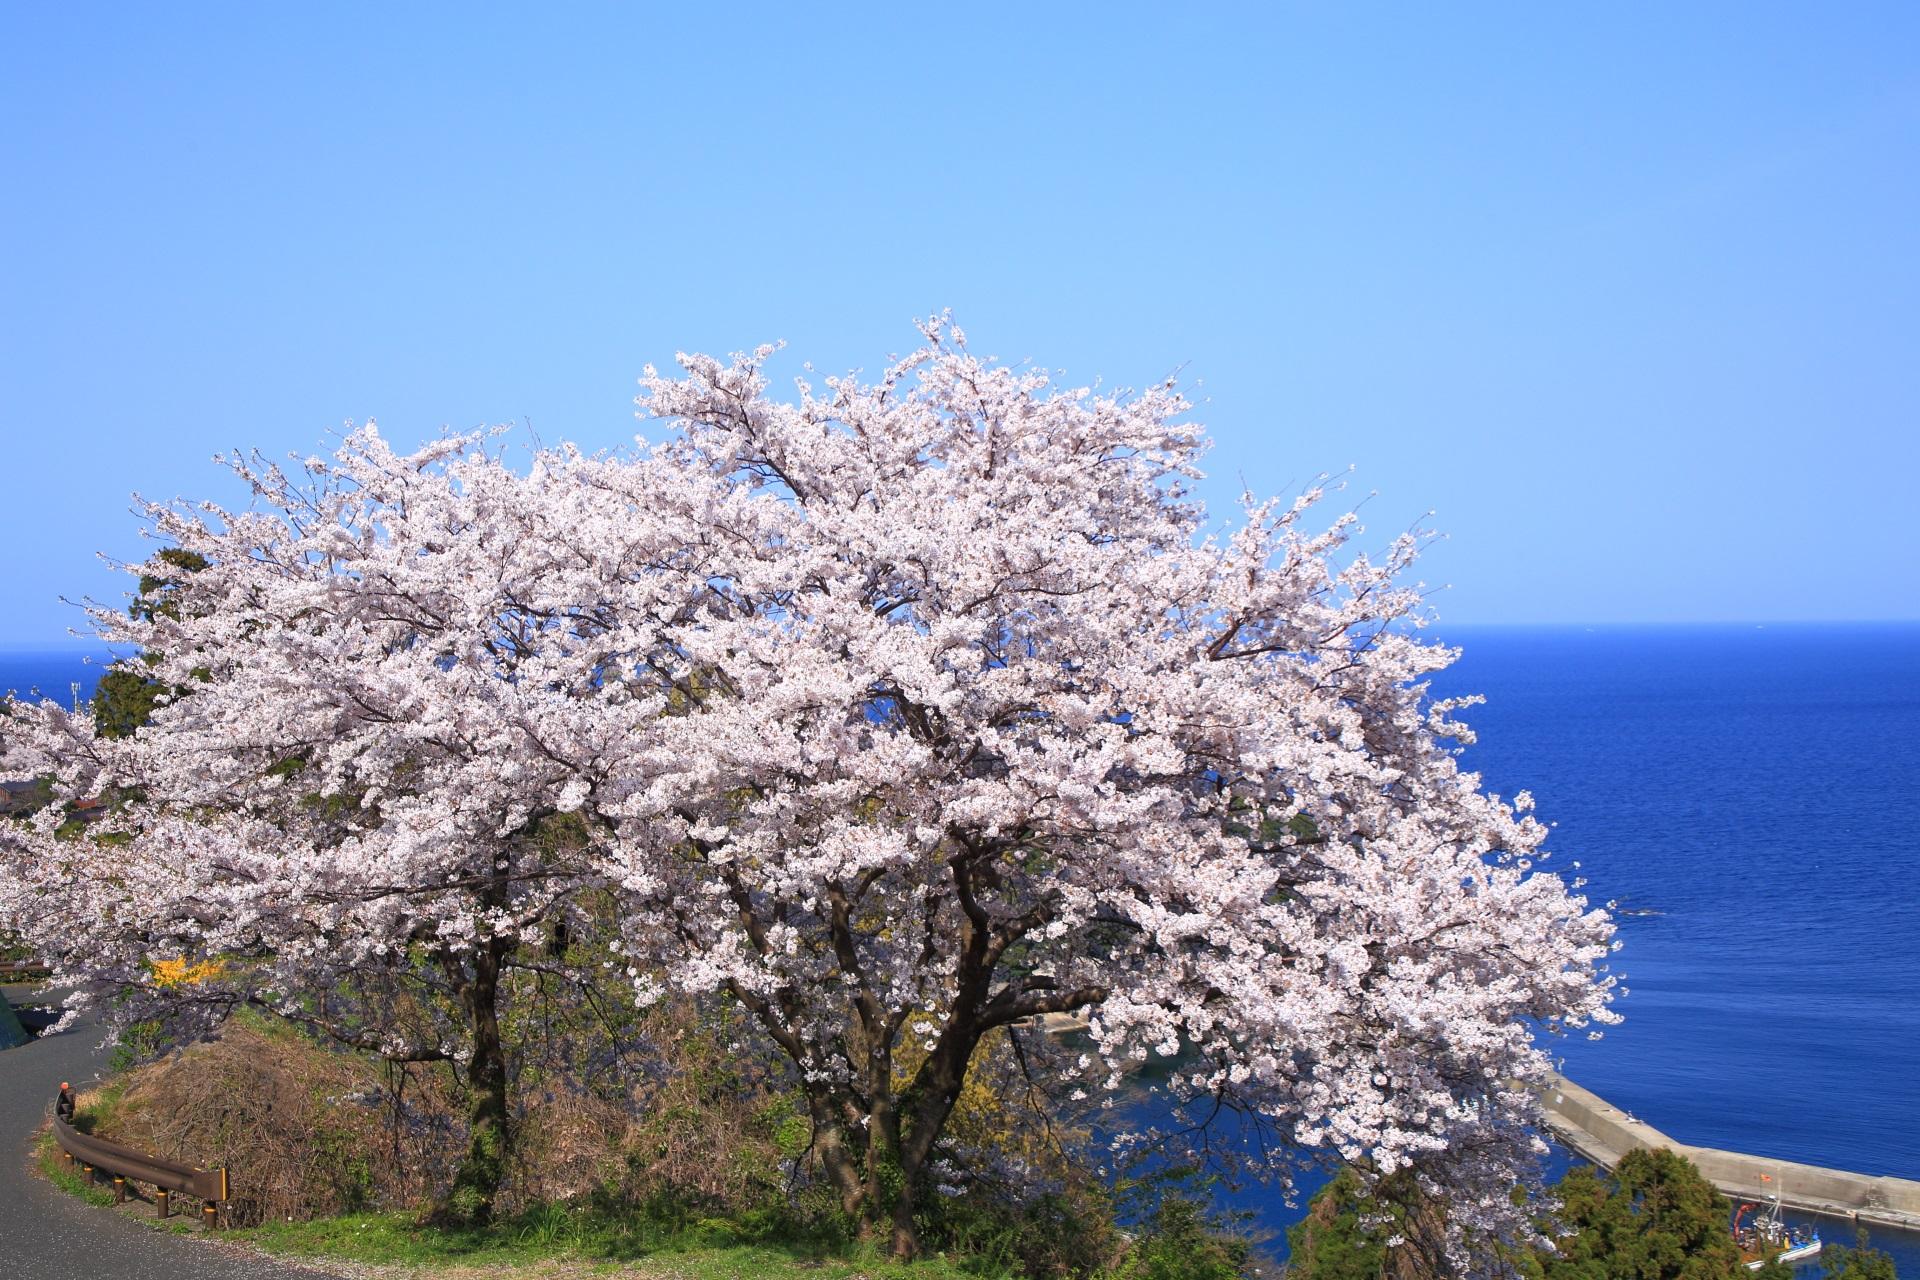 高画質 のろせ海岸 桜 写真